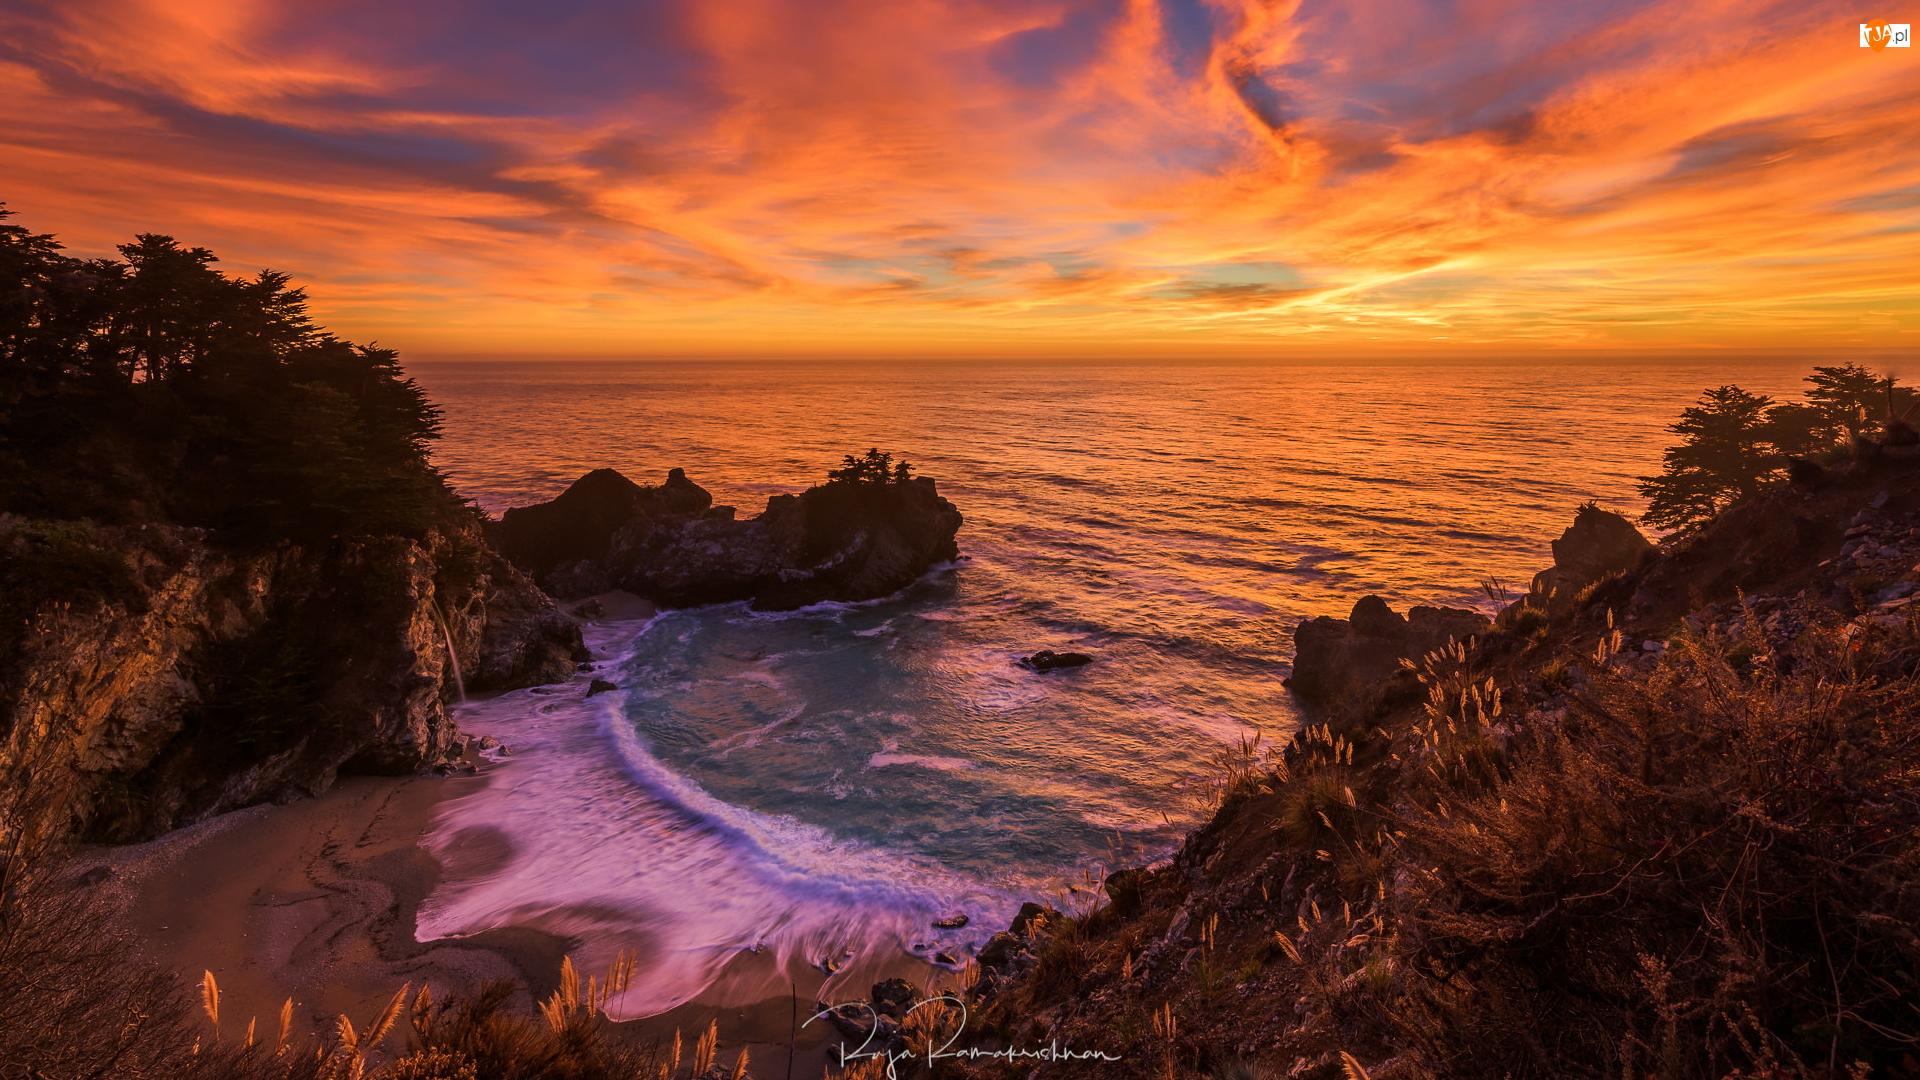 Stany Zjednoczone, Morze, Kalifornia, Plaża, Park stanowy Julii Pfeiffer Burns, Zatoka McWay Cove, Skały, Wschód słońca, Drzewa